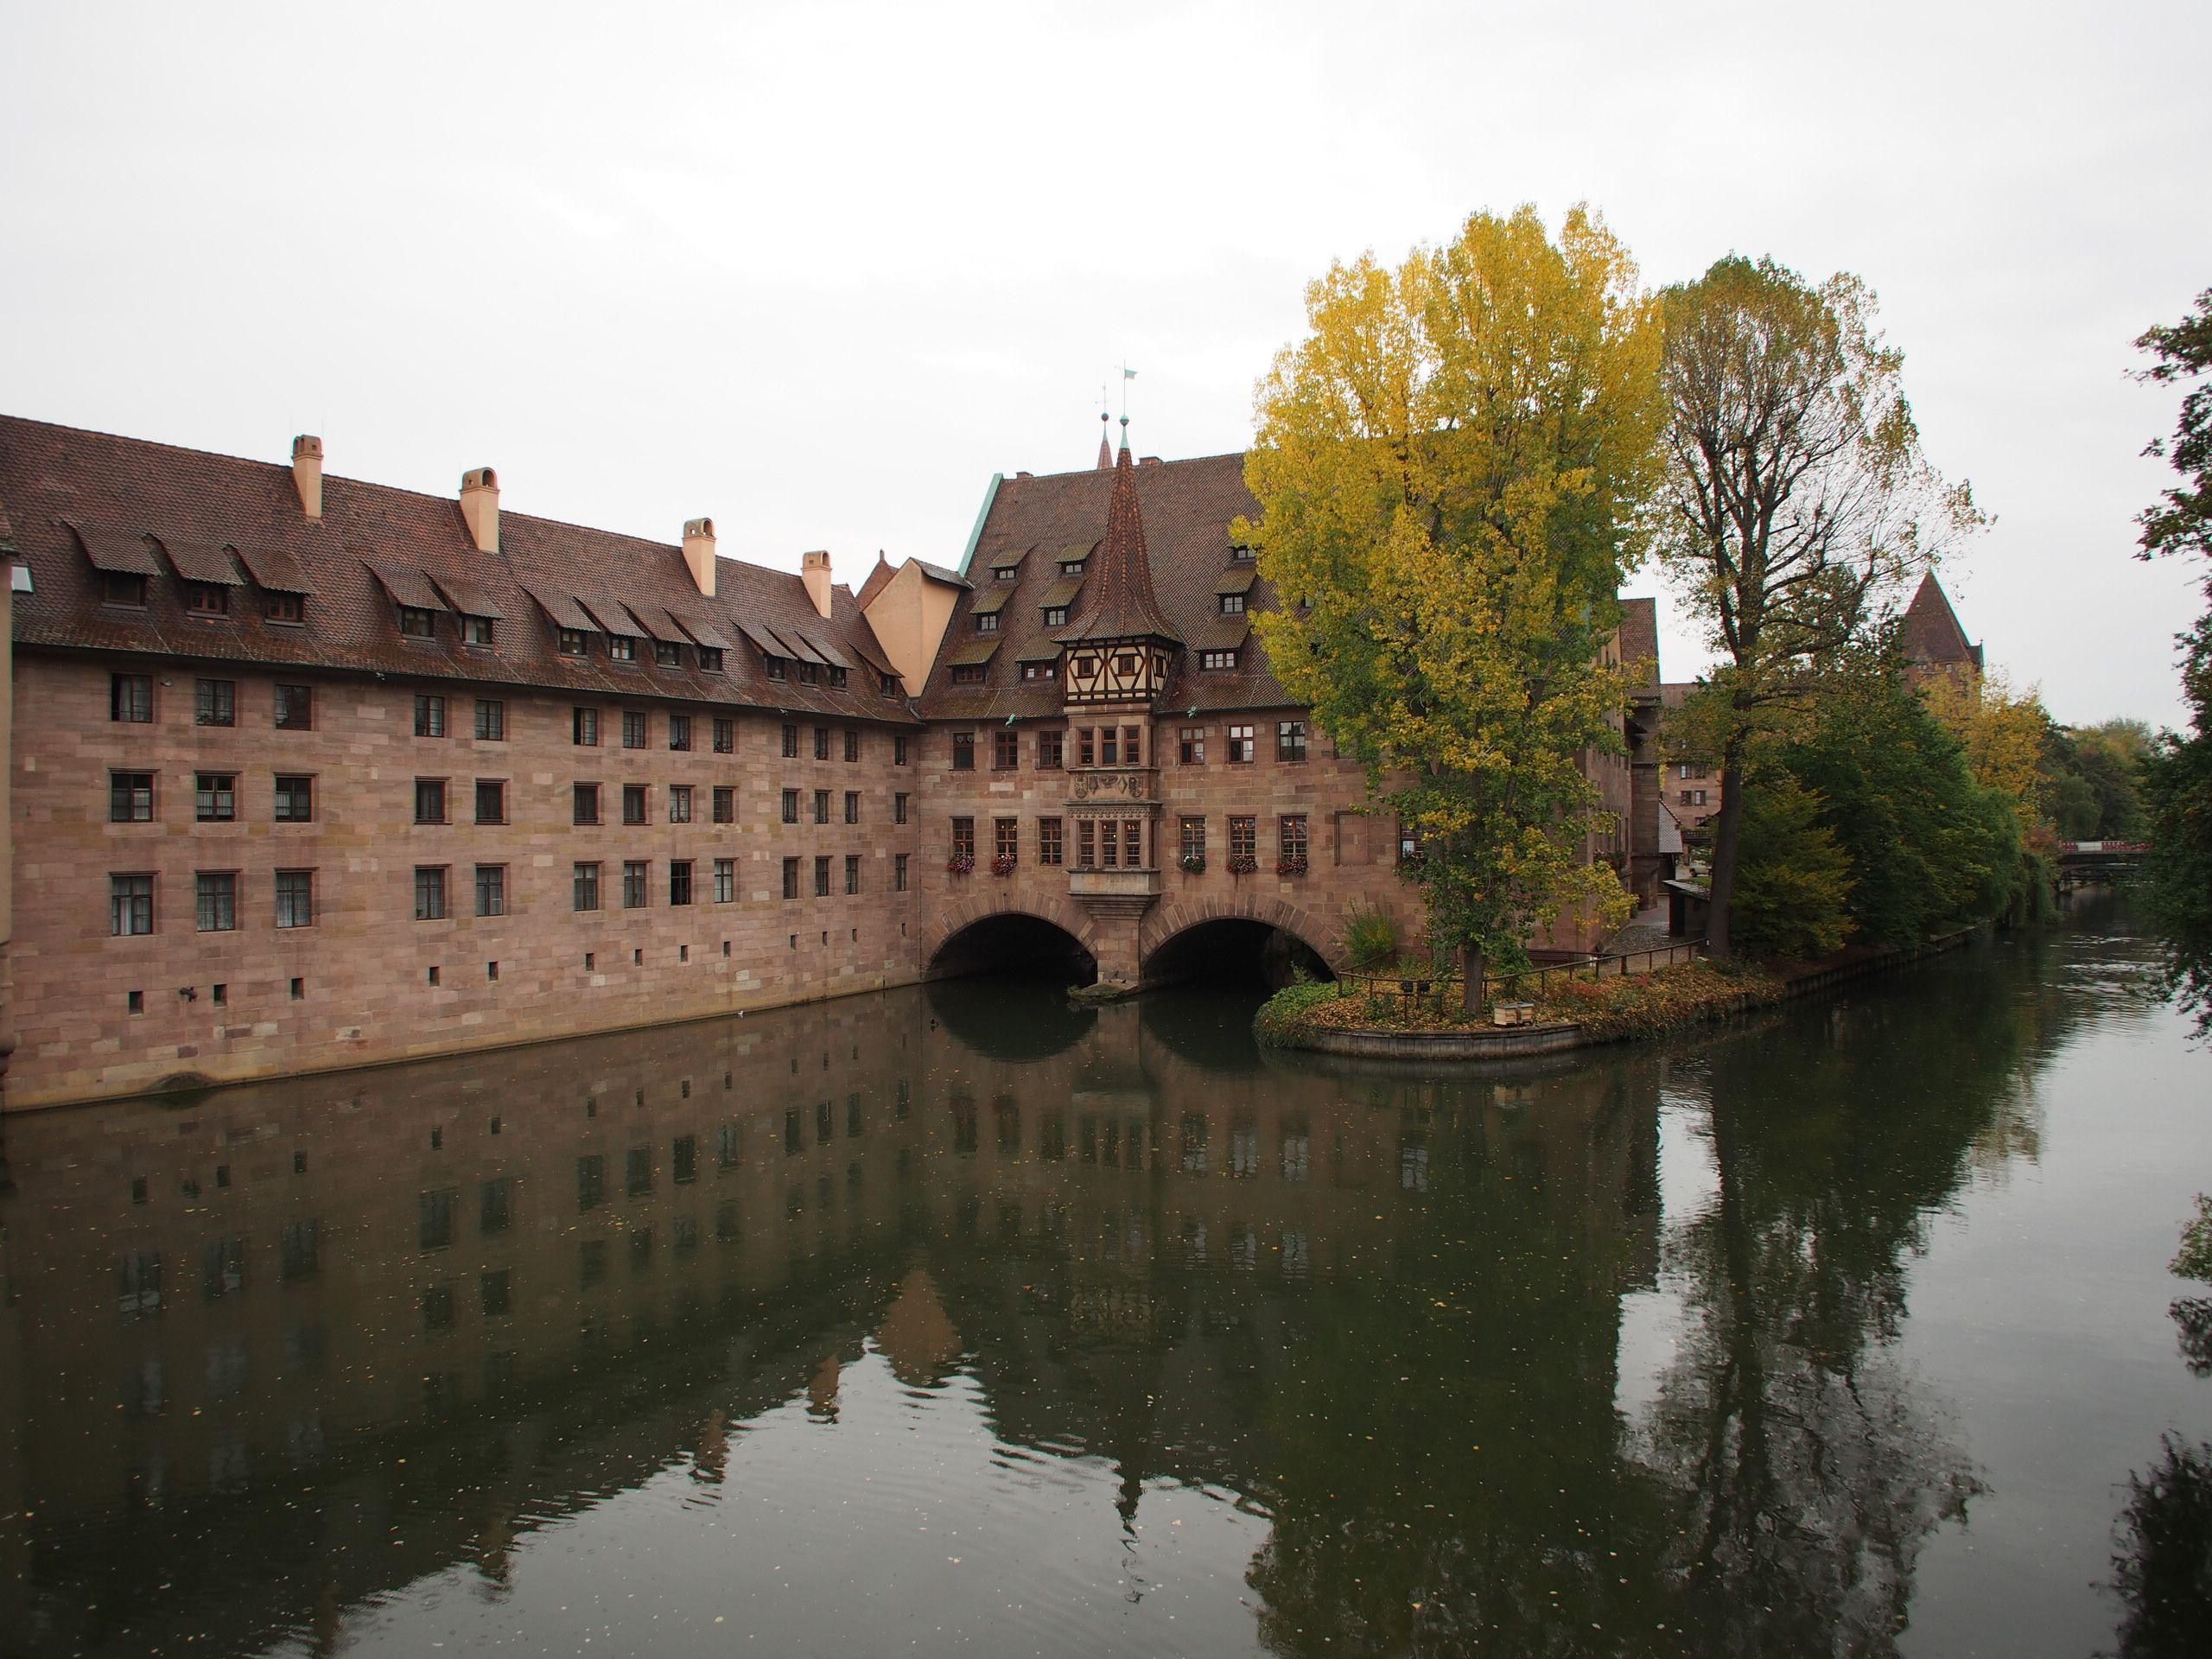 Das Heilig Geist Spital über der Pegnitz in Nürnberg